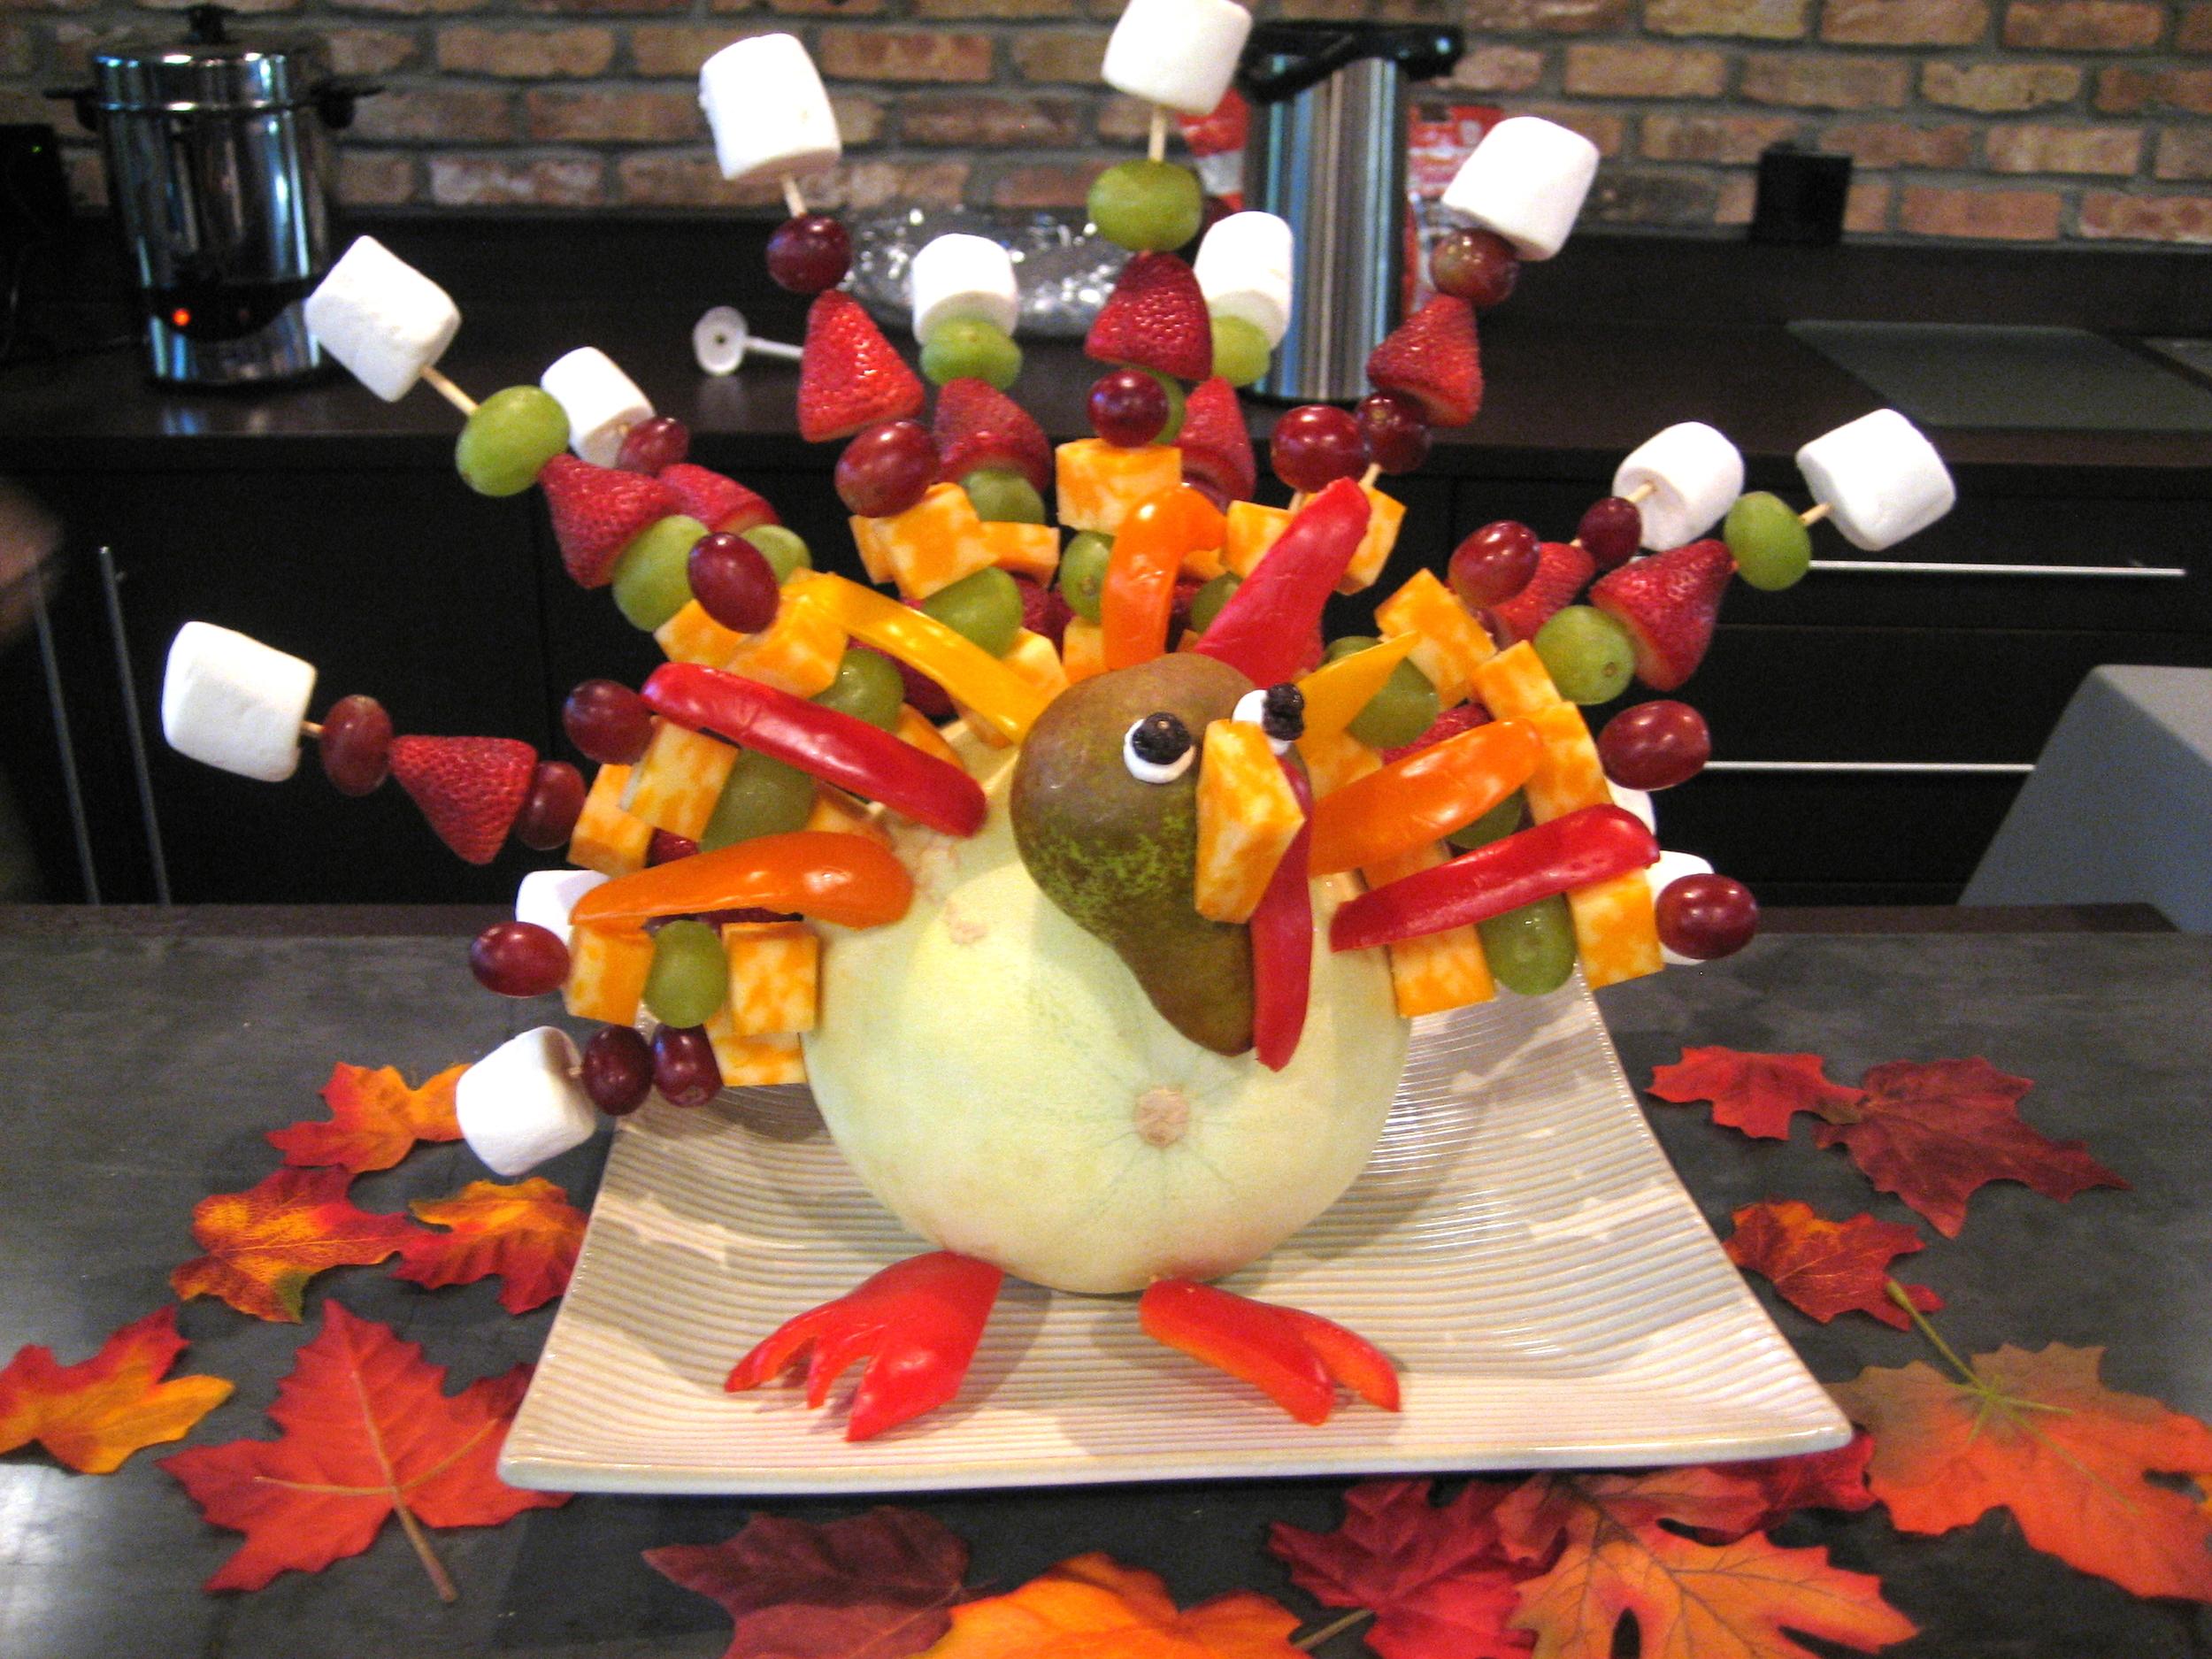 49706-Diy-Thanksgiving-Fruit-Kabobs.jpg